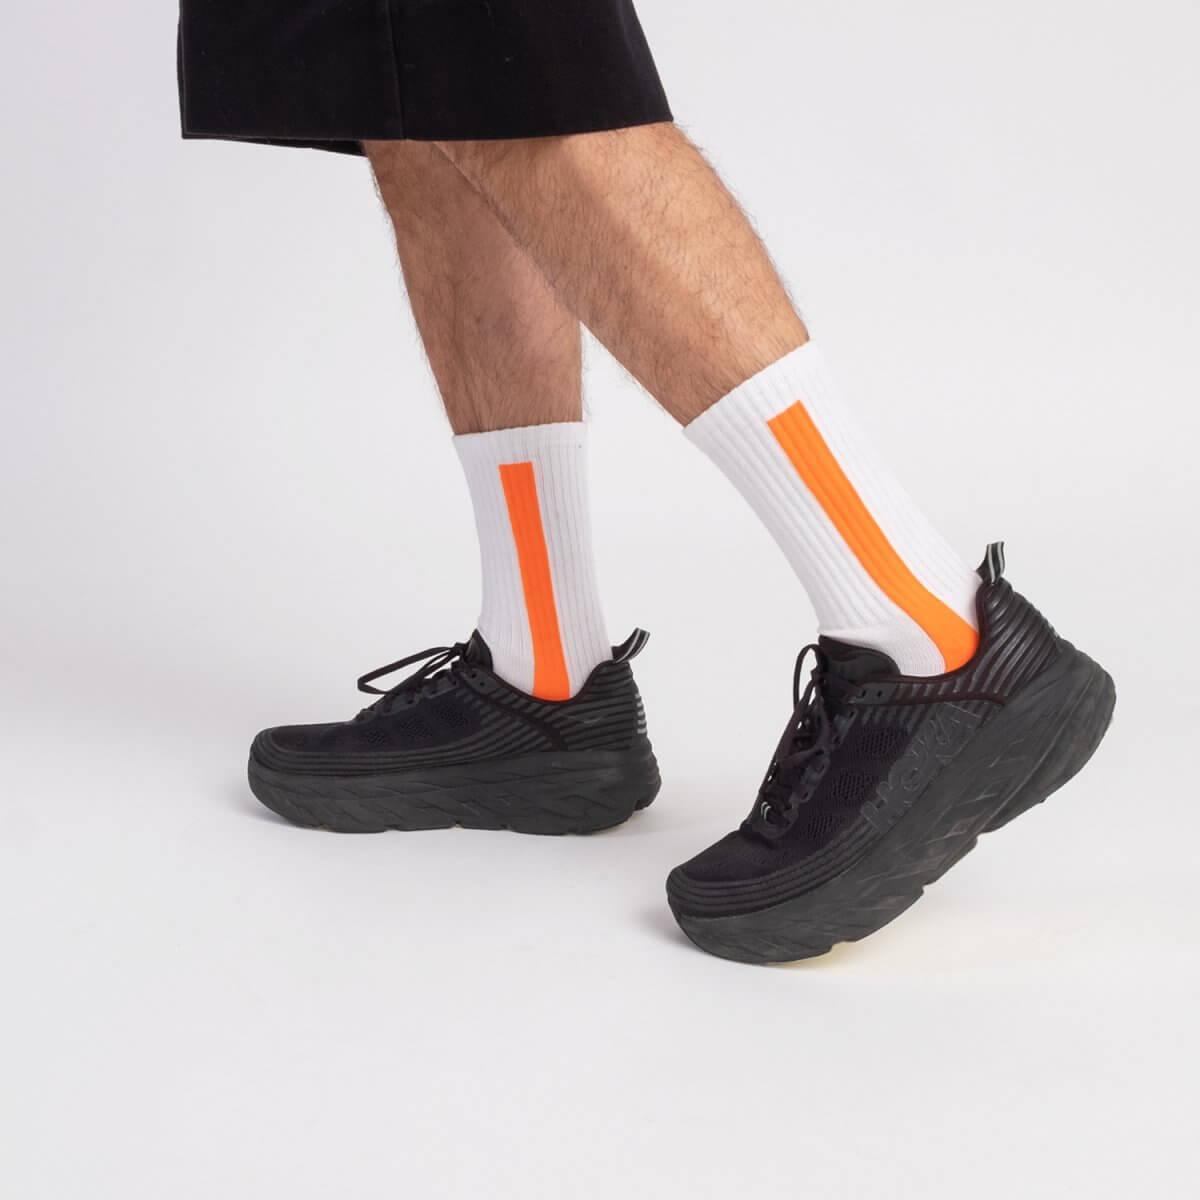 fabbrica-calza-bianca-riga-verticale-fluo-arancione